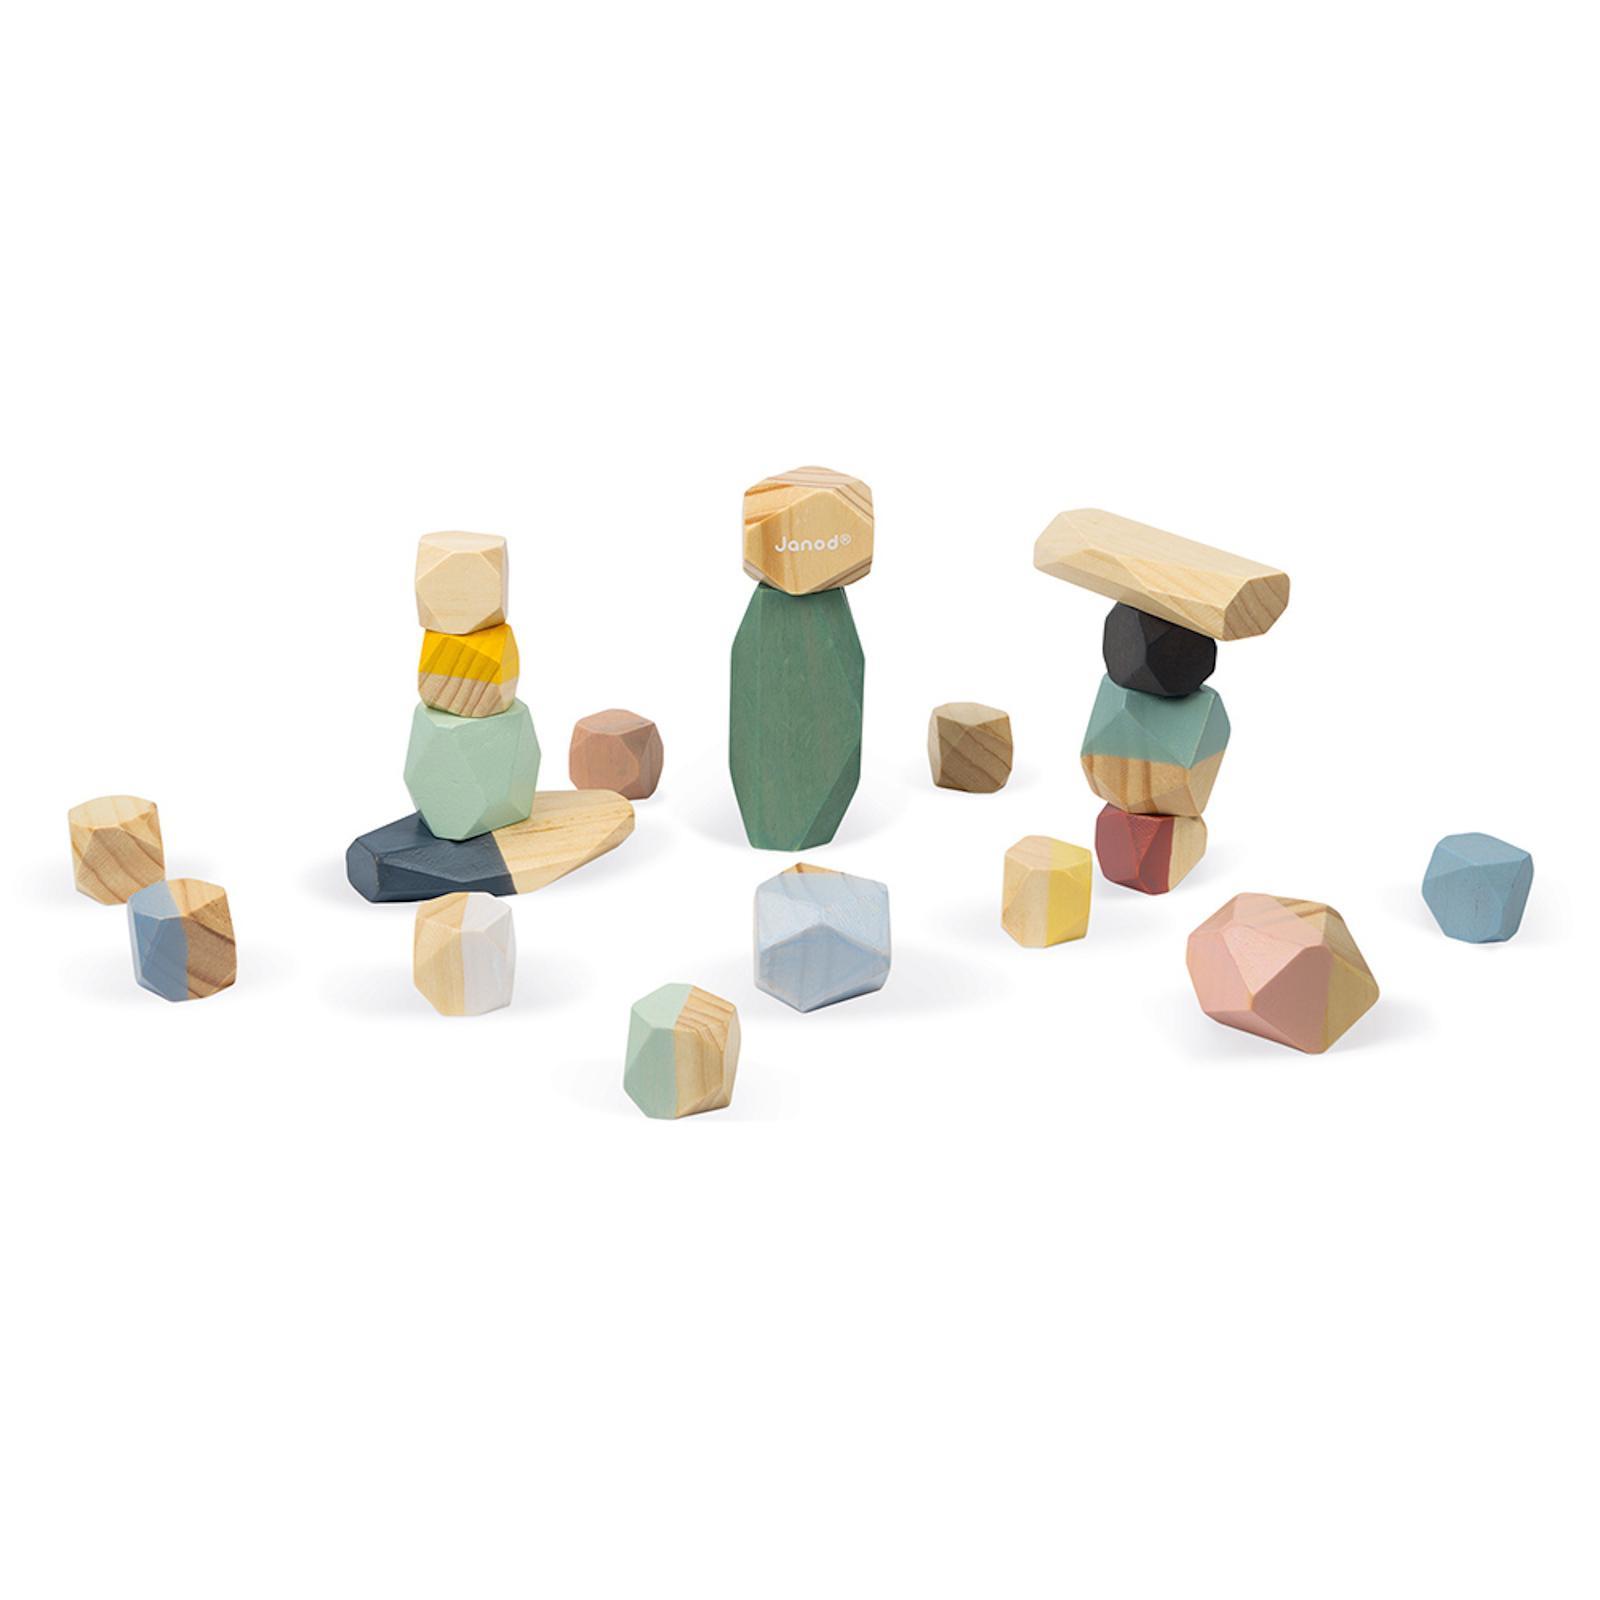 Janod Sweet Cocoon dřevěné kostky Stohovací kameny, stavebnice od 2 let 20 kostek